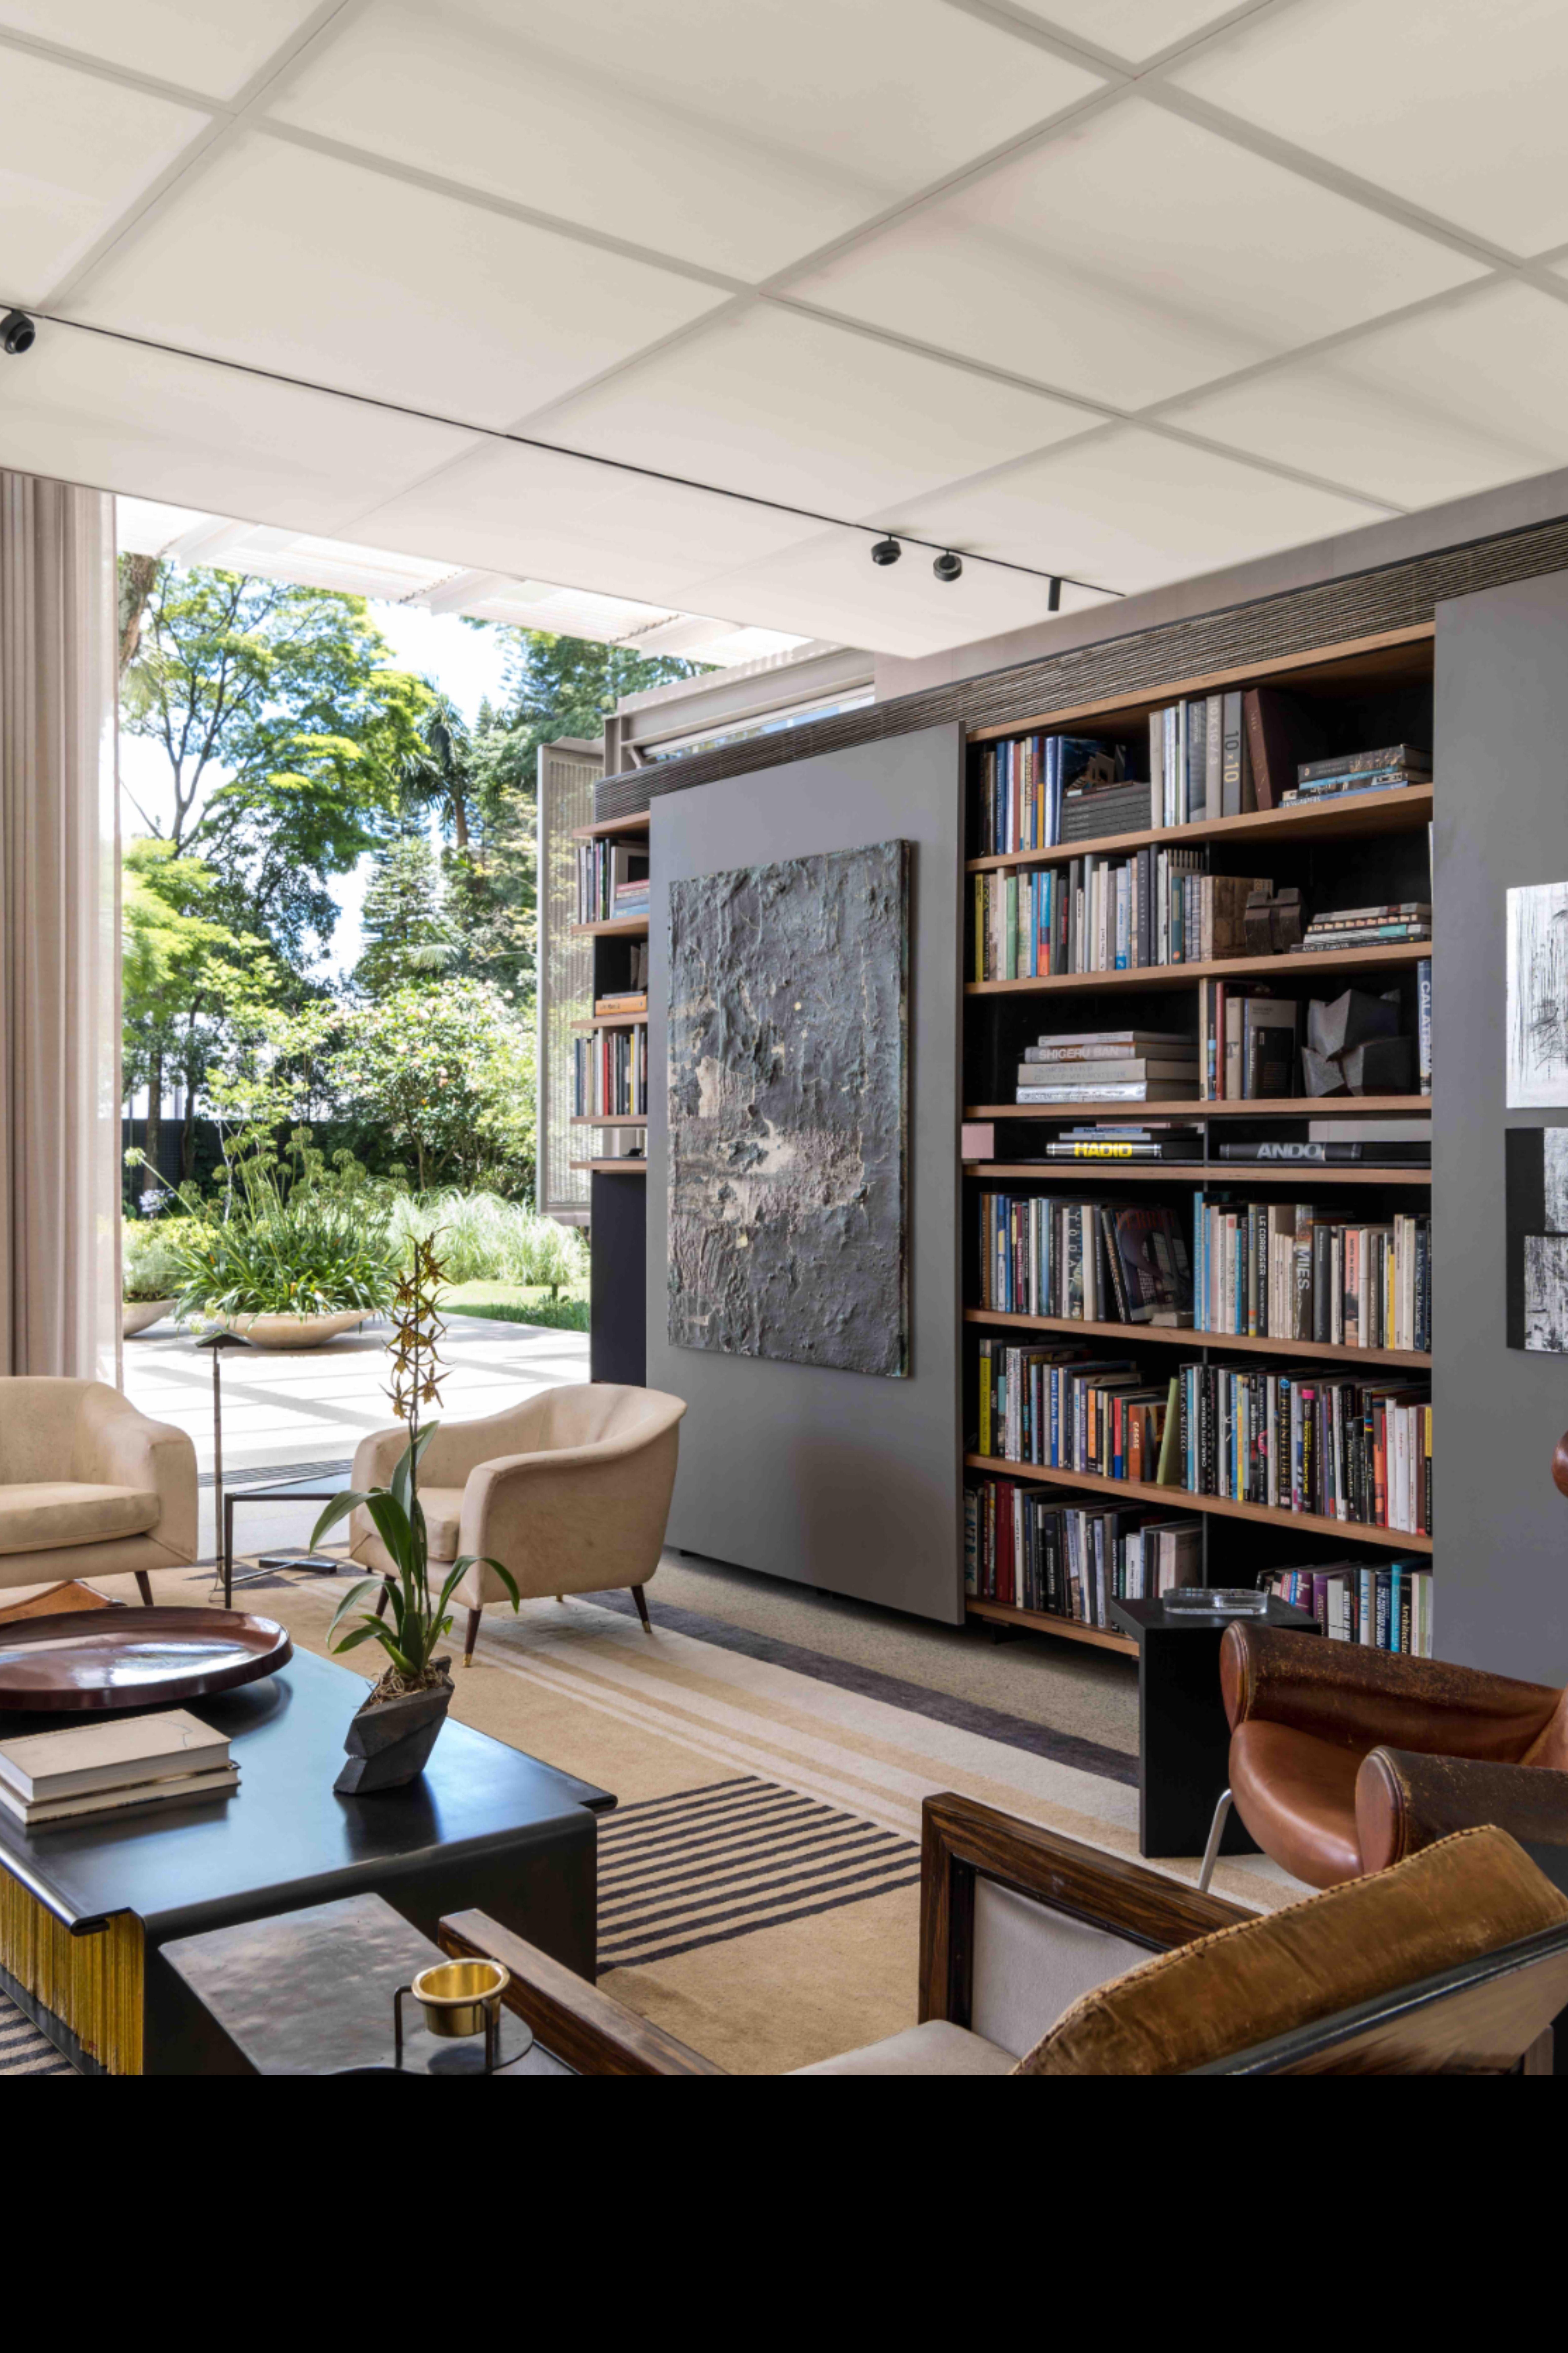 Studio Mellone Mid Century Furniture Meets Contemporary Interiors In 2021 Office Interior Design Contemporary Interior Interior